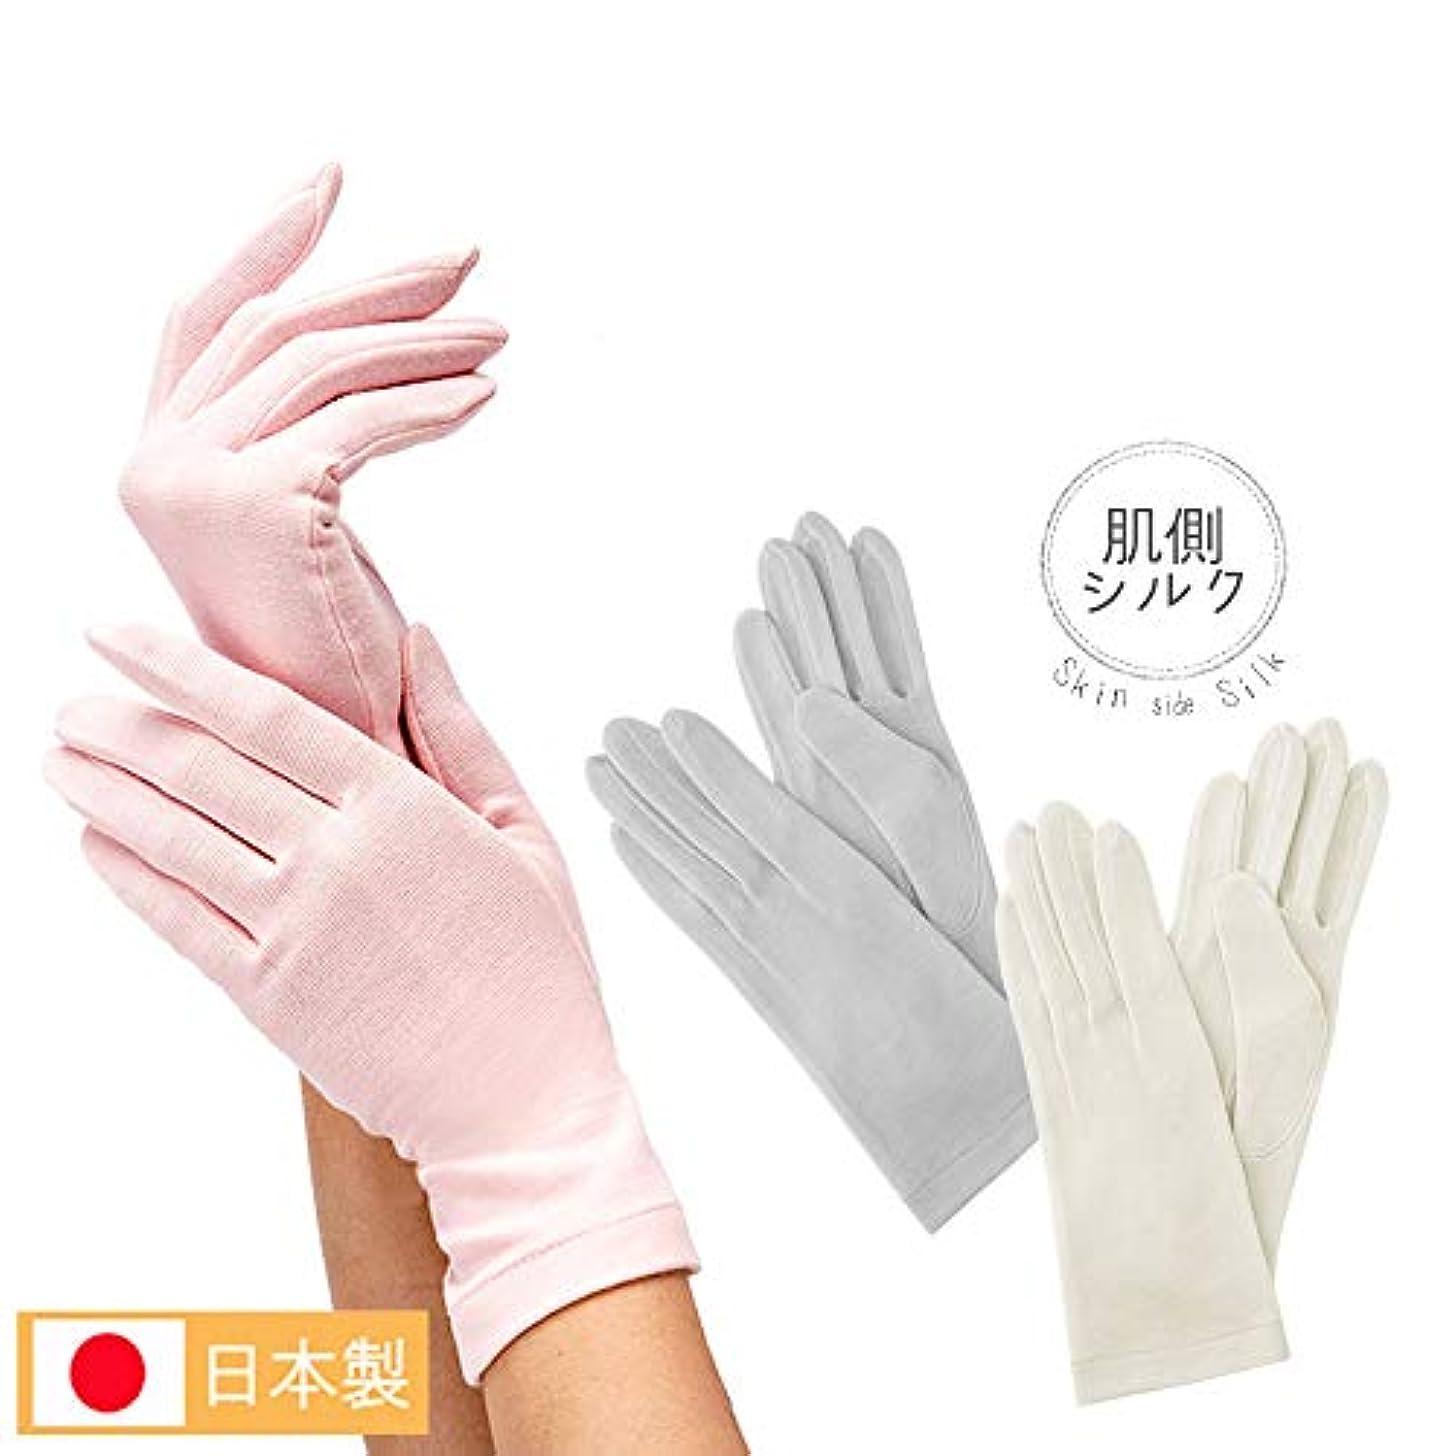 泥沼育成解説G12-0071_PK 就寝用 裏シルクうるおい手袋 あったか 薄い 手荒れ ハンドケア 保湿 レディース 女性 おやすみ 寝るとき 日本製 ピンク